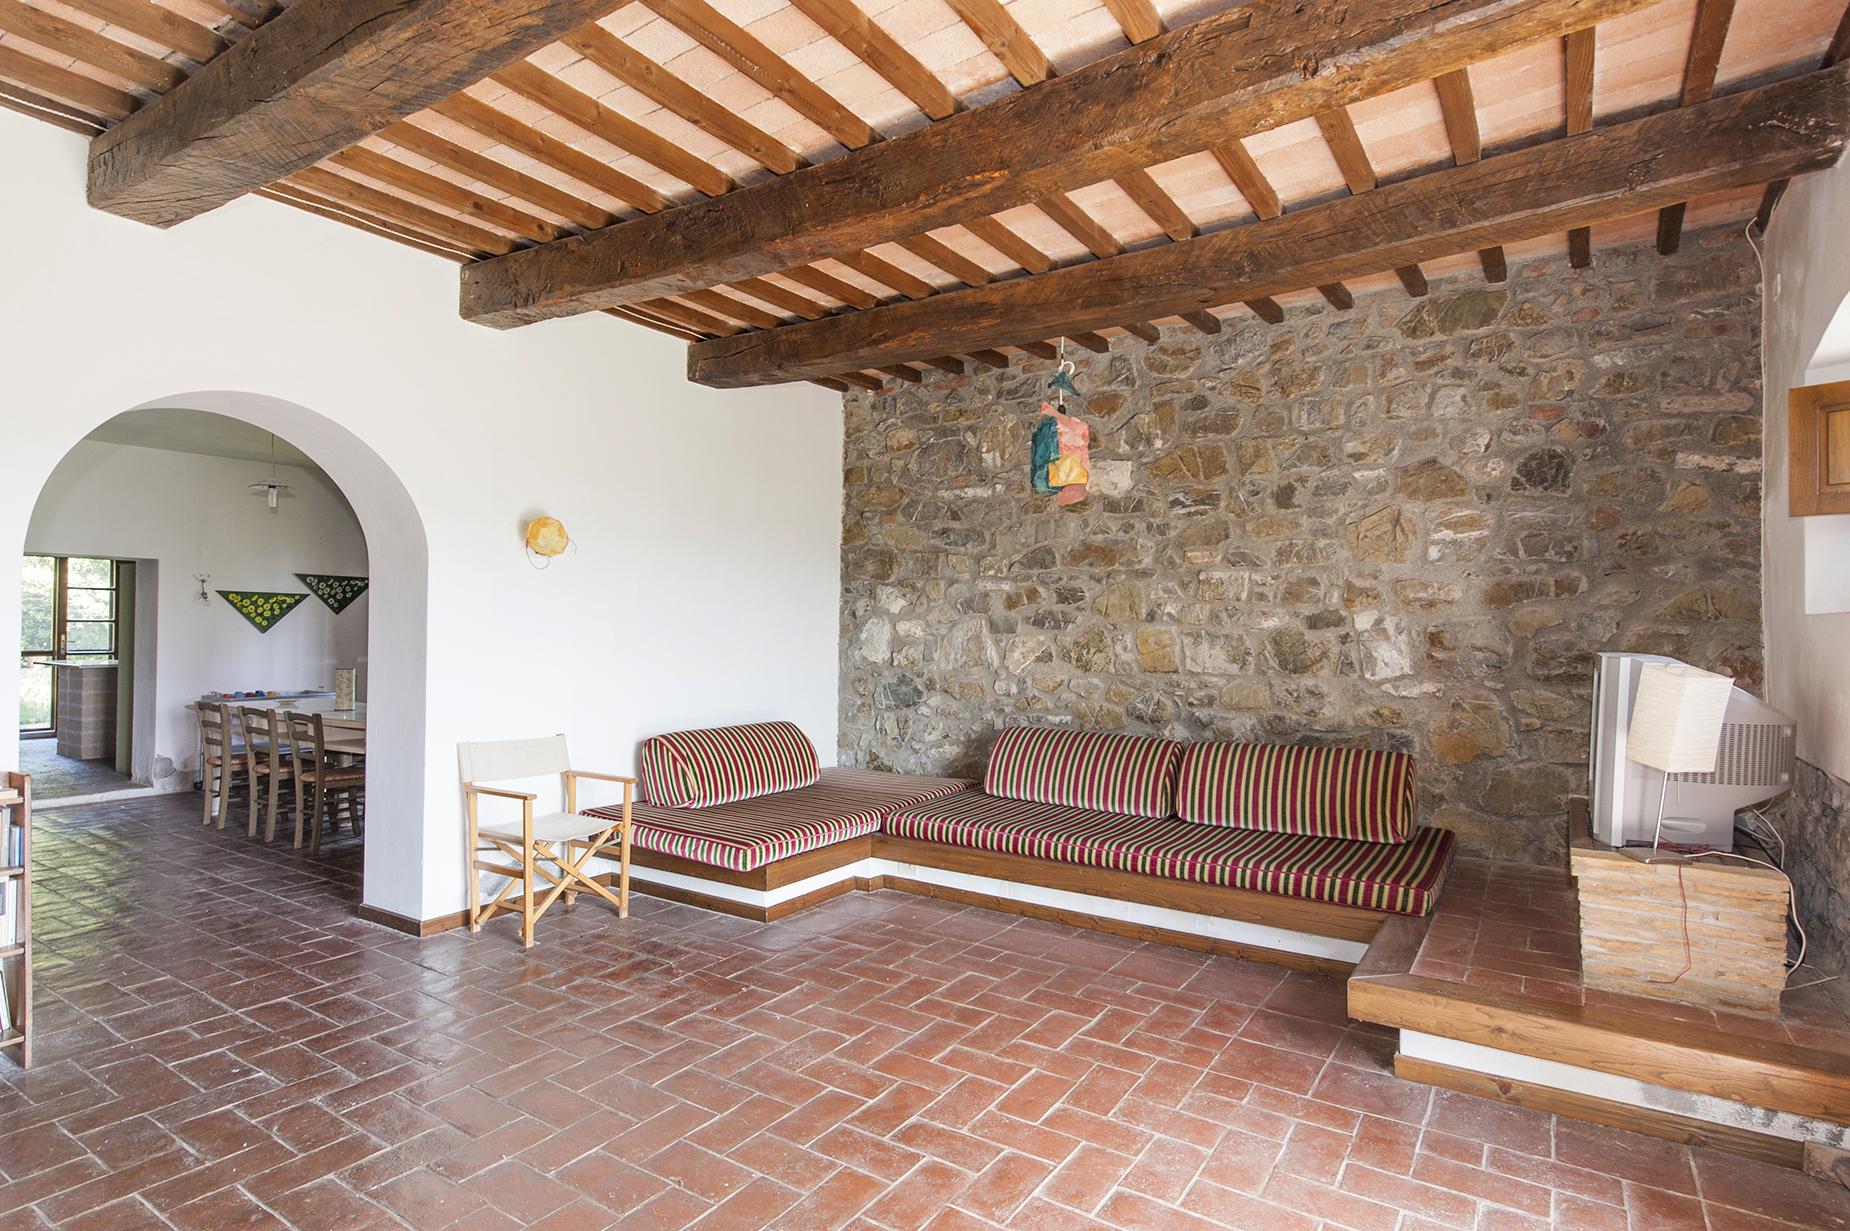 Rustico in Vendita a Roccalbegna: 5 locali, 450 mq - Foto 15